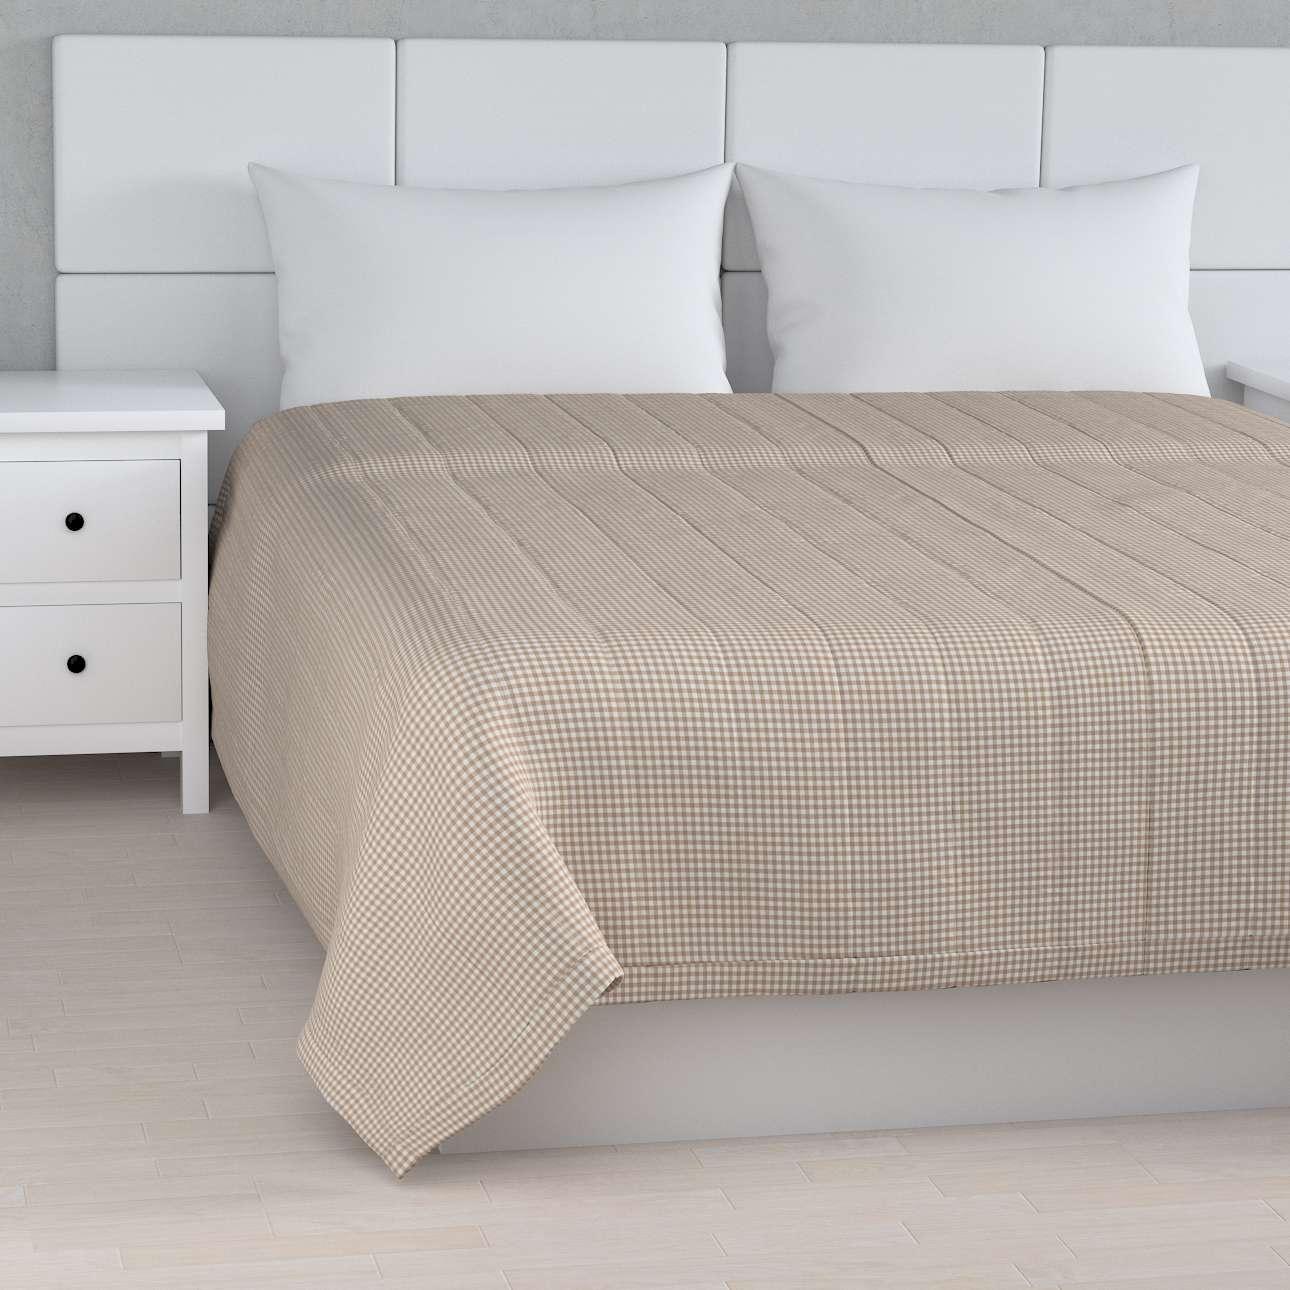 Tagesdecke mit Streifen-Steppung von der Kollektion Quadro, Stoff: 136-05